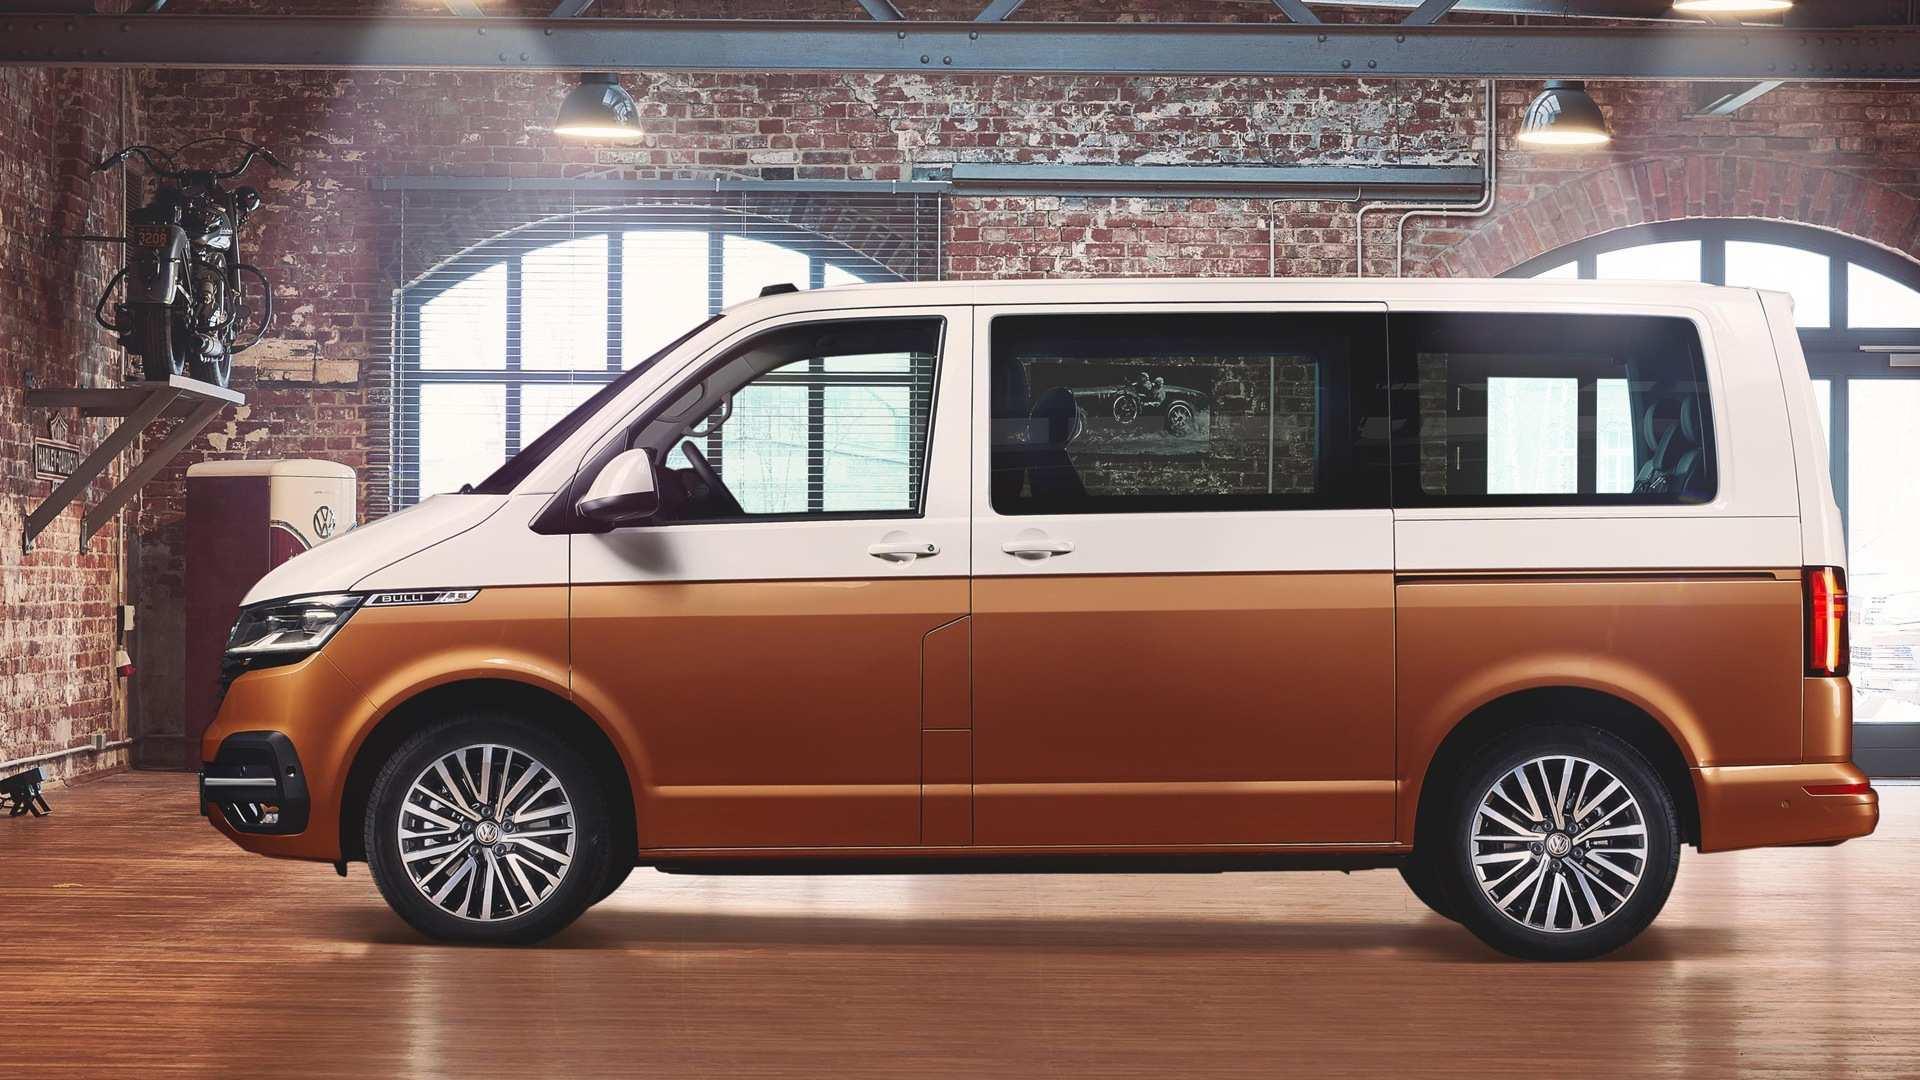 94 Concept of 2020 Vw Minibus Price for 2020 Vw Minibus